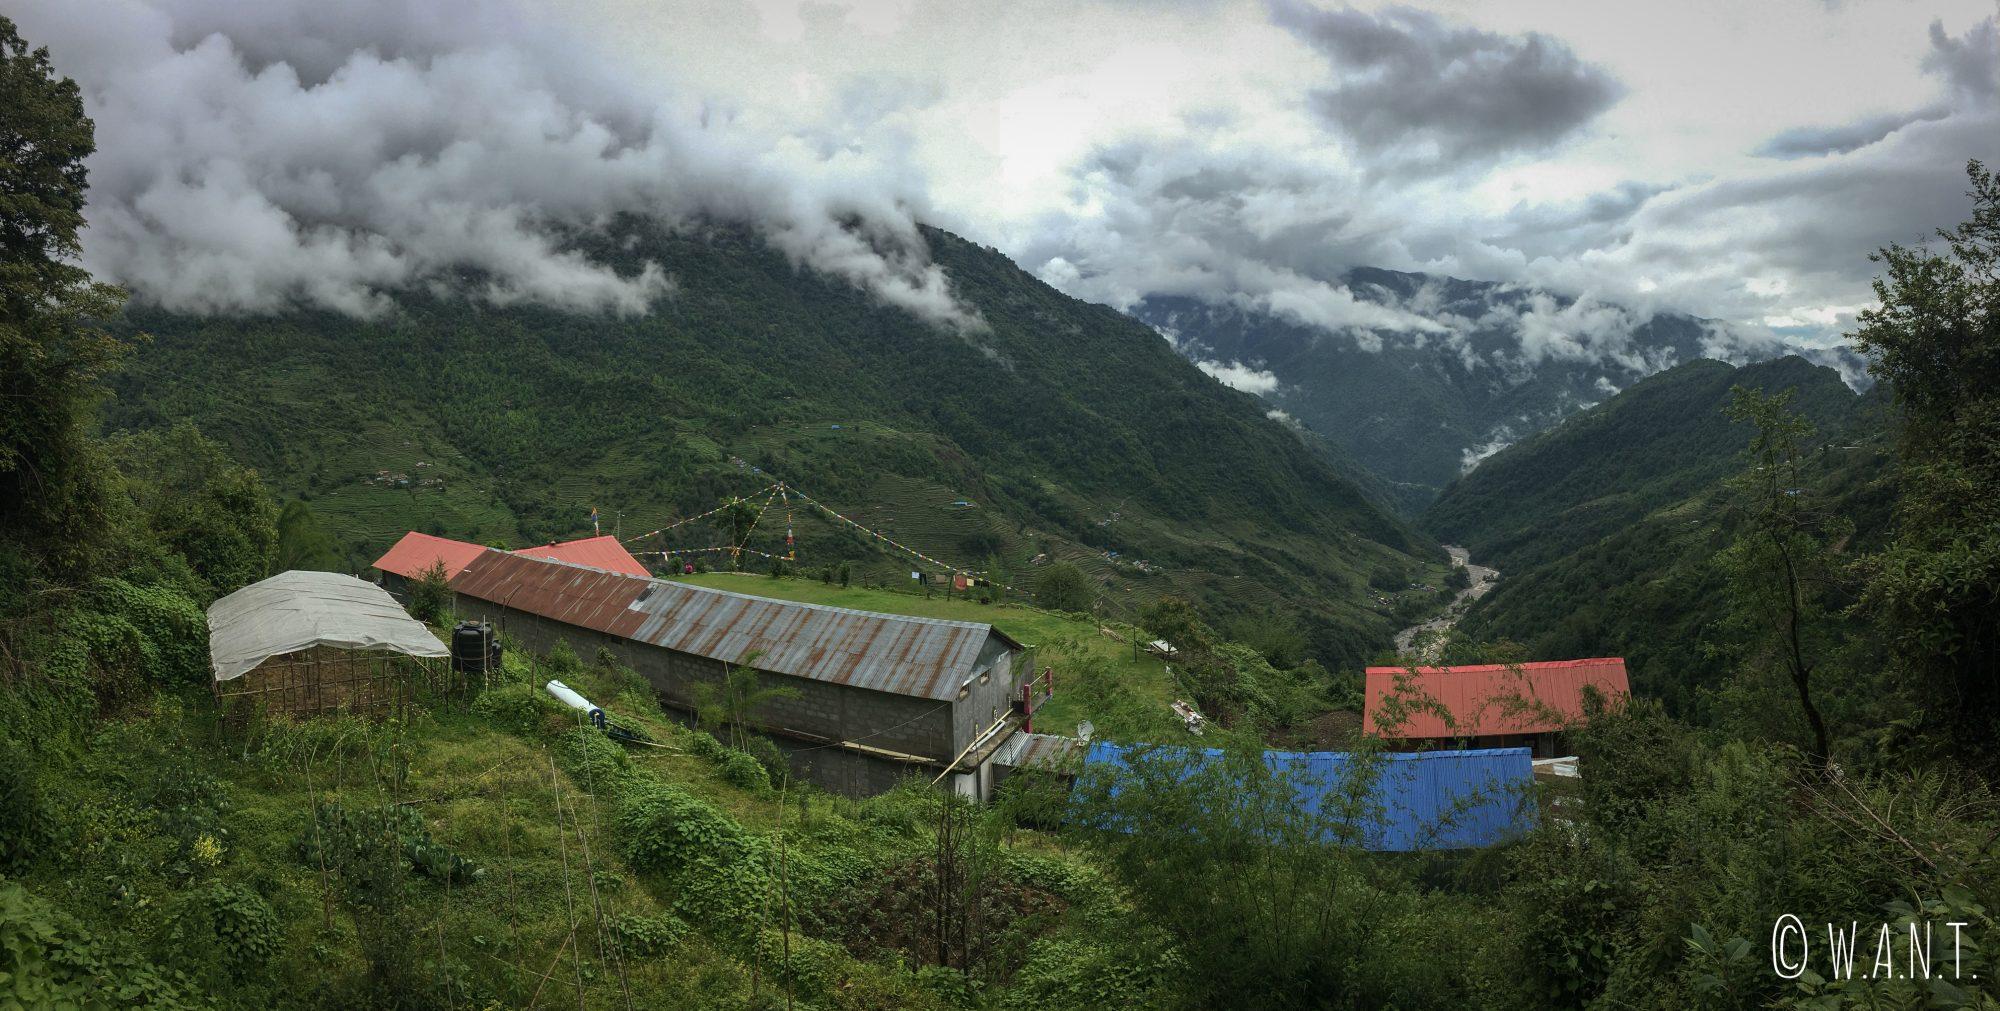 Village de Chuile, situé dans la descente de Tadapani à Chhomrong